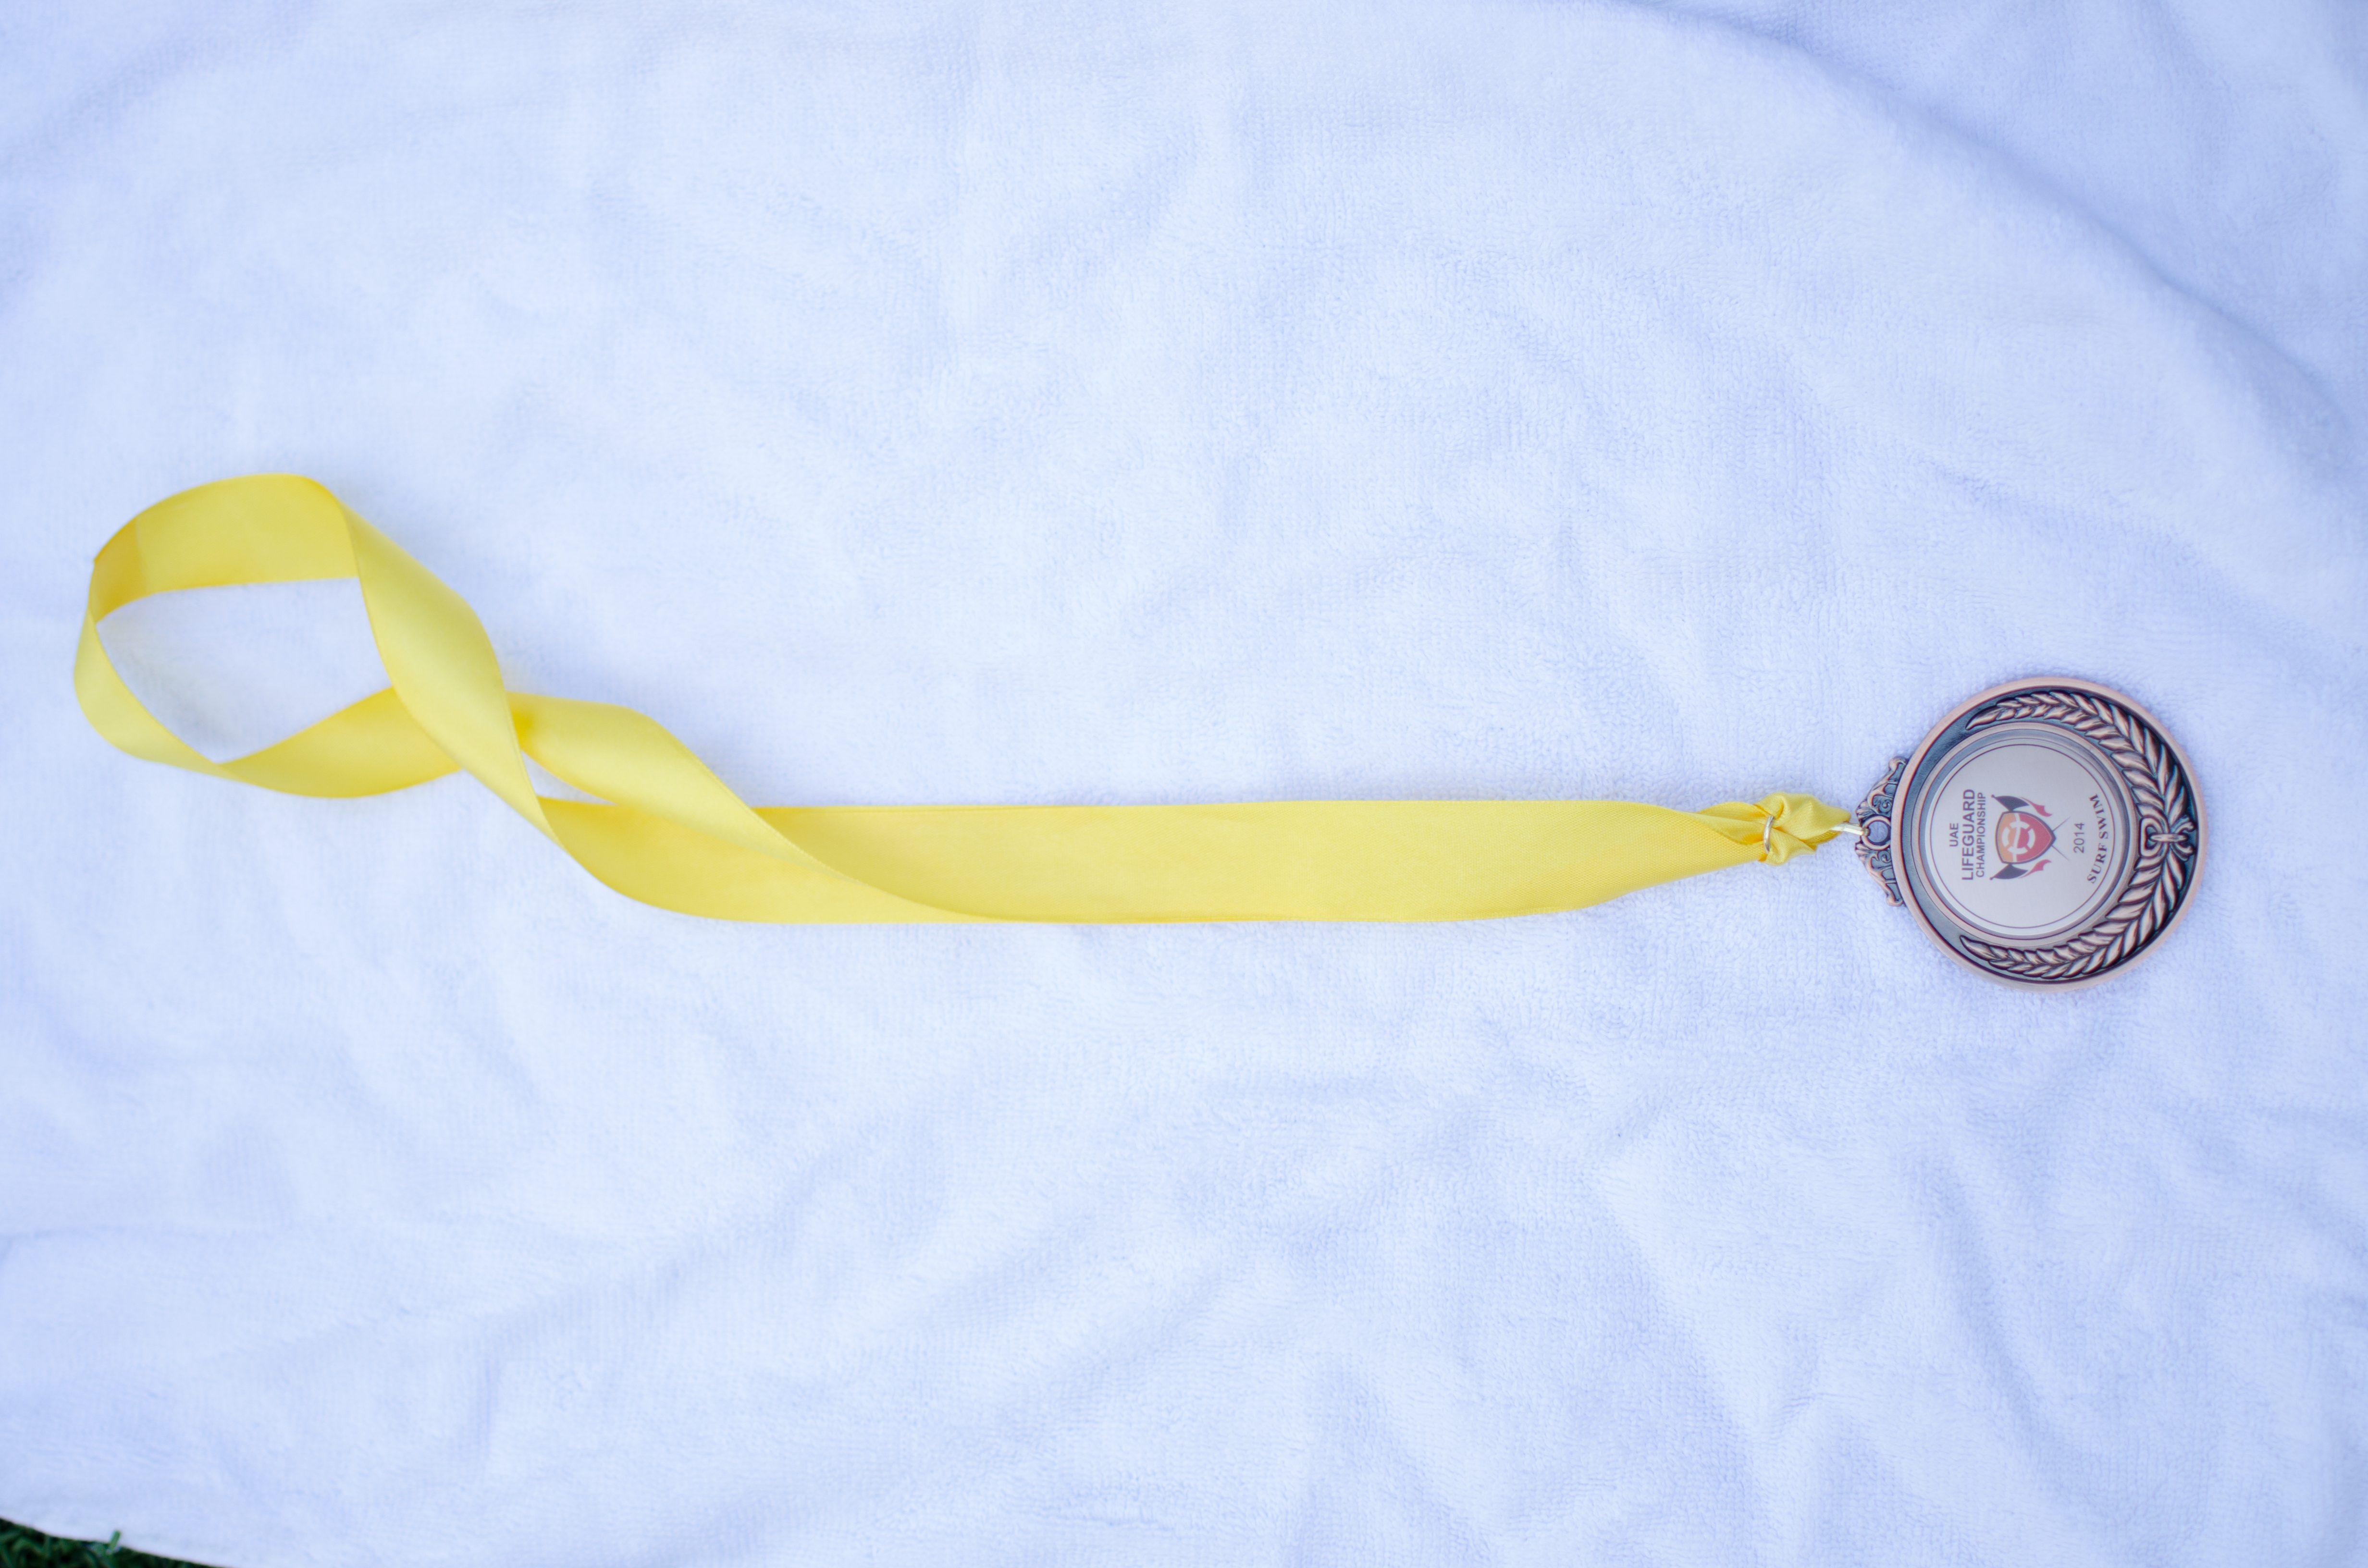 finshers medals 5 race merchandise